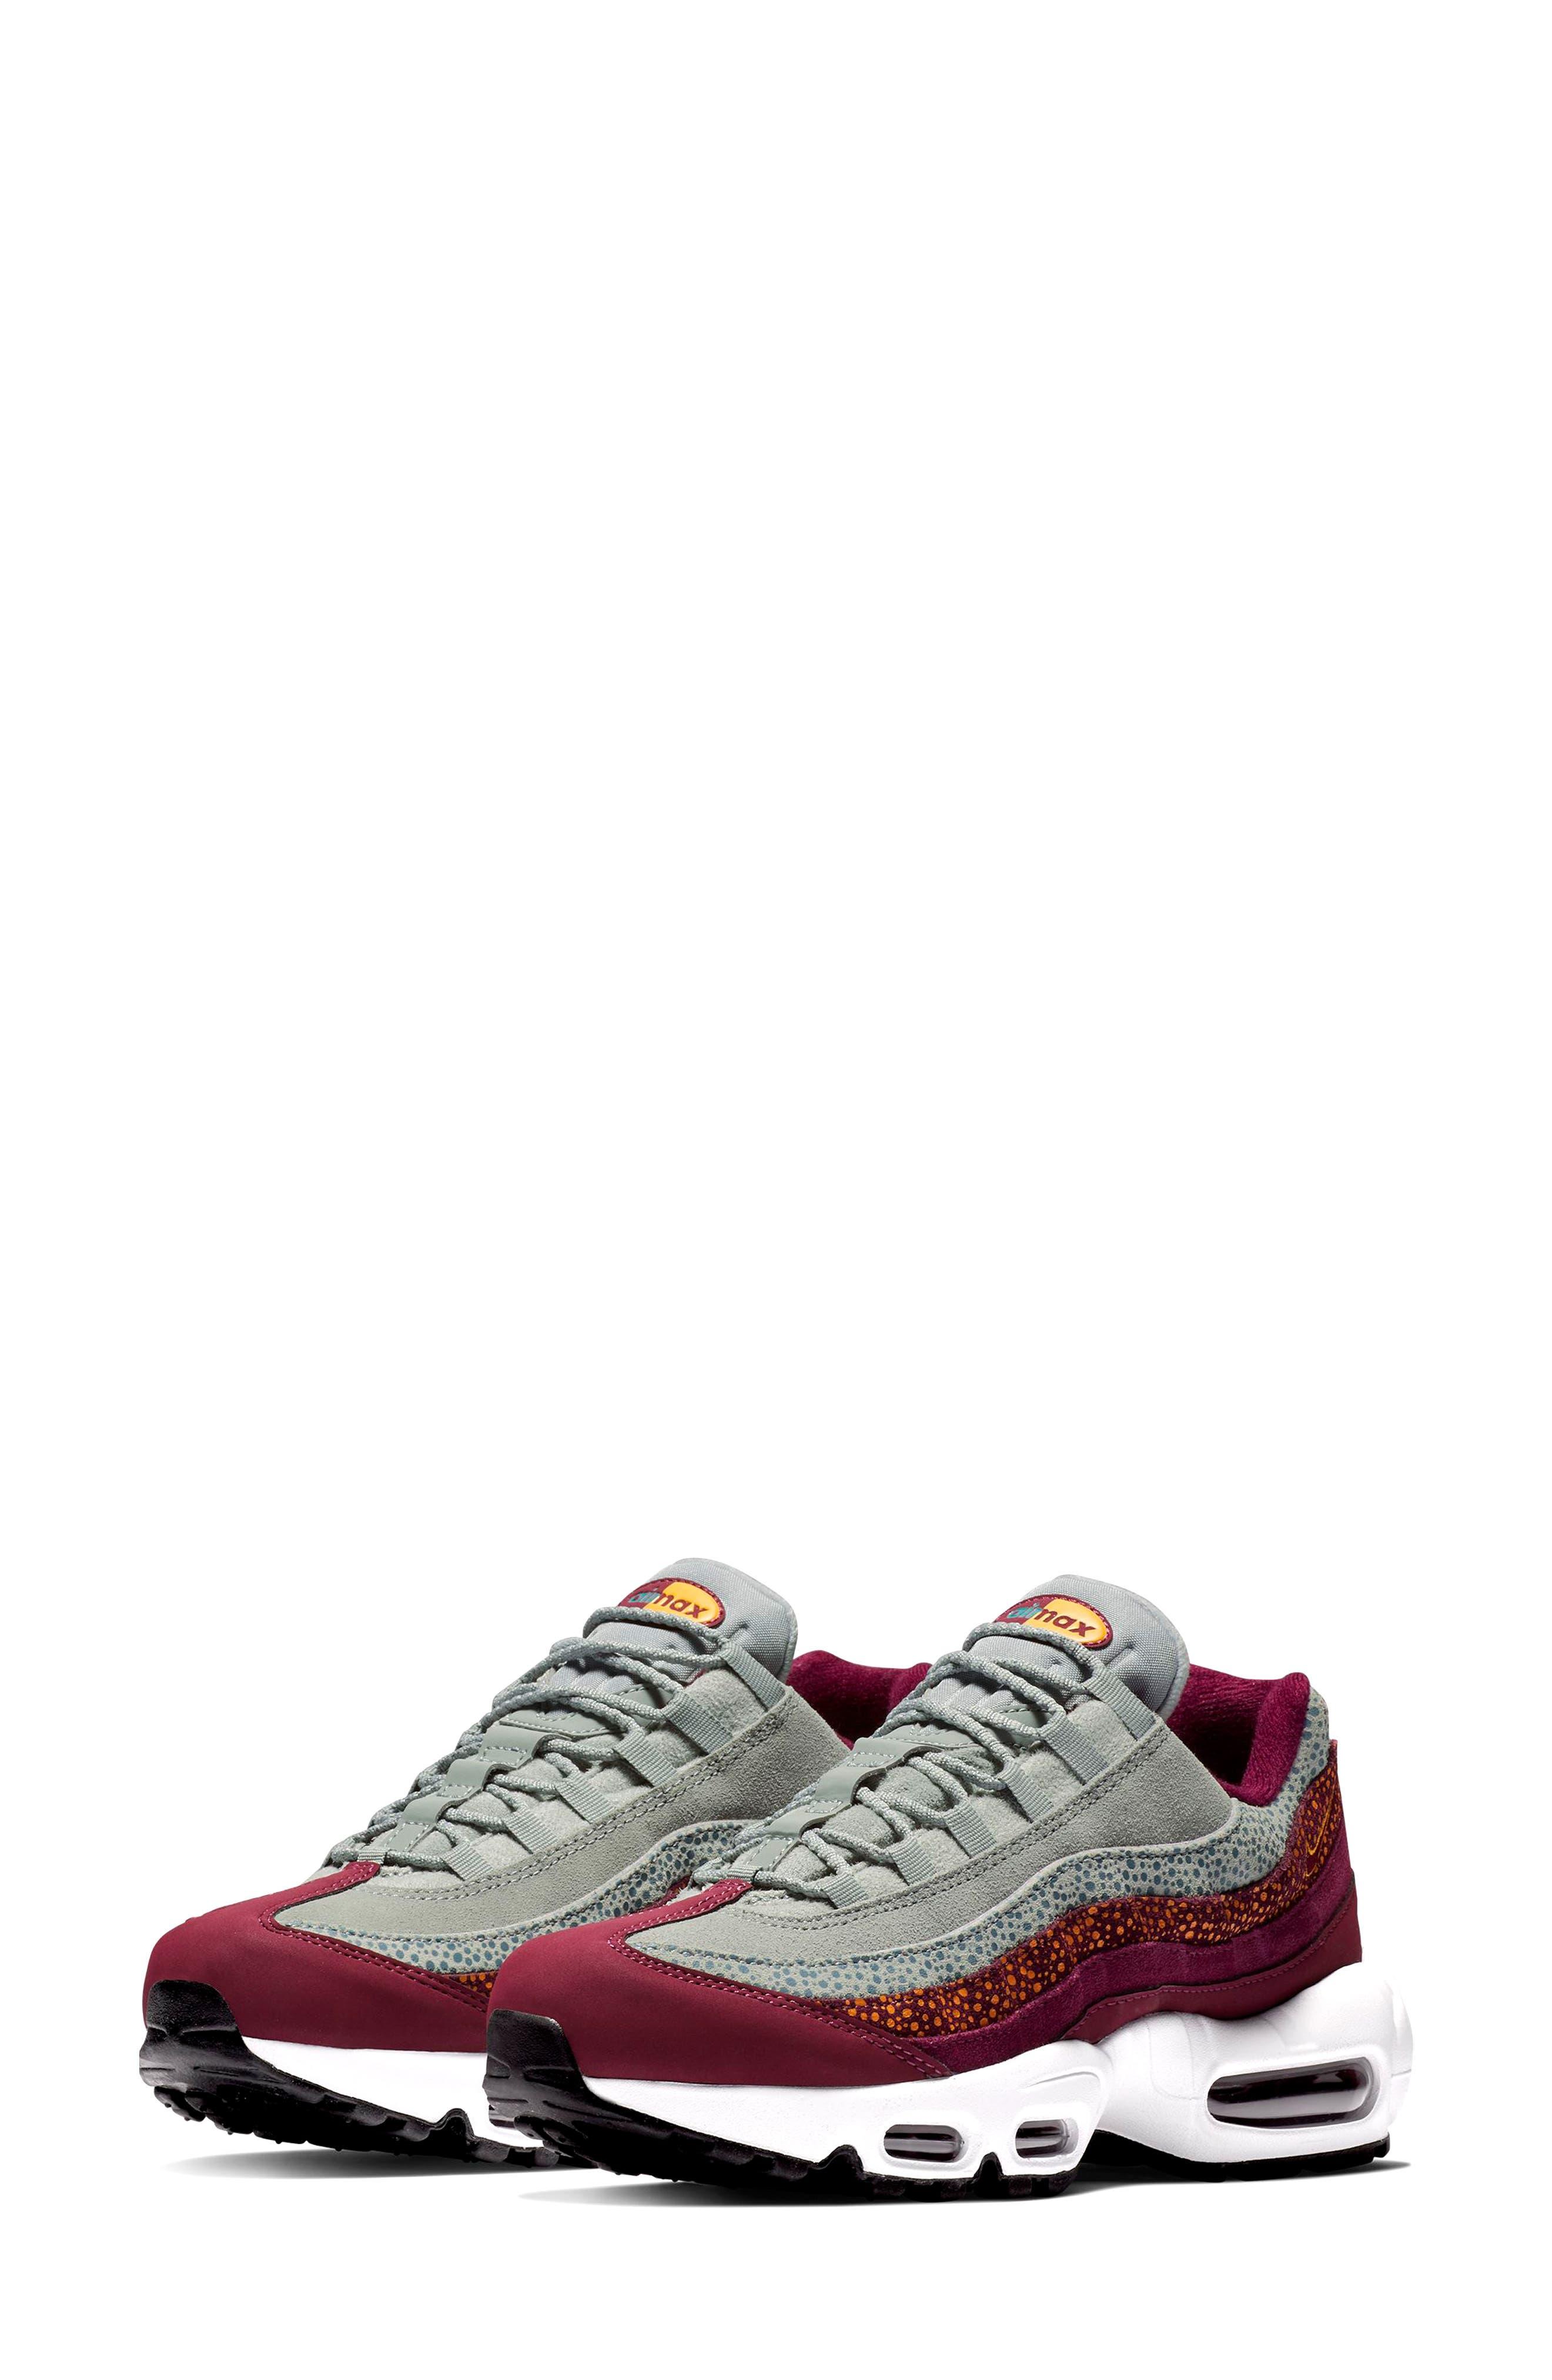 87f699335 ... france nike air max 95 premium sneaker women 8f68d a7c13